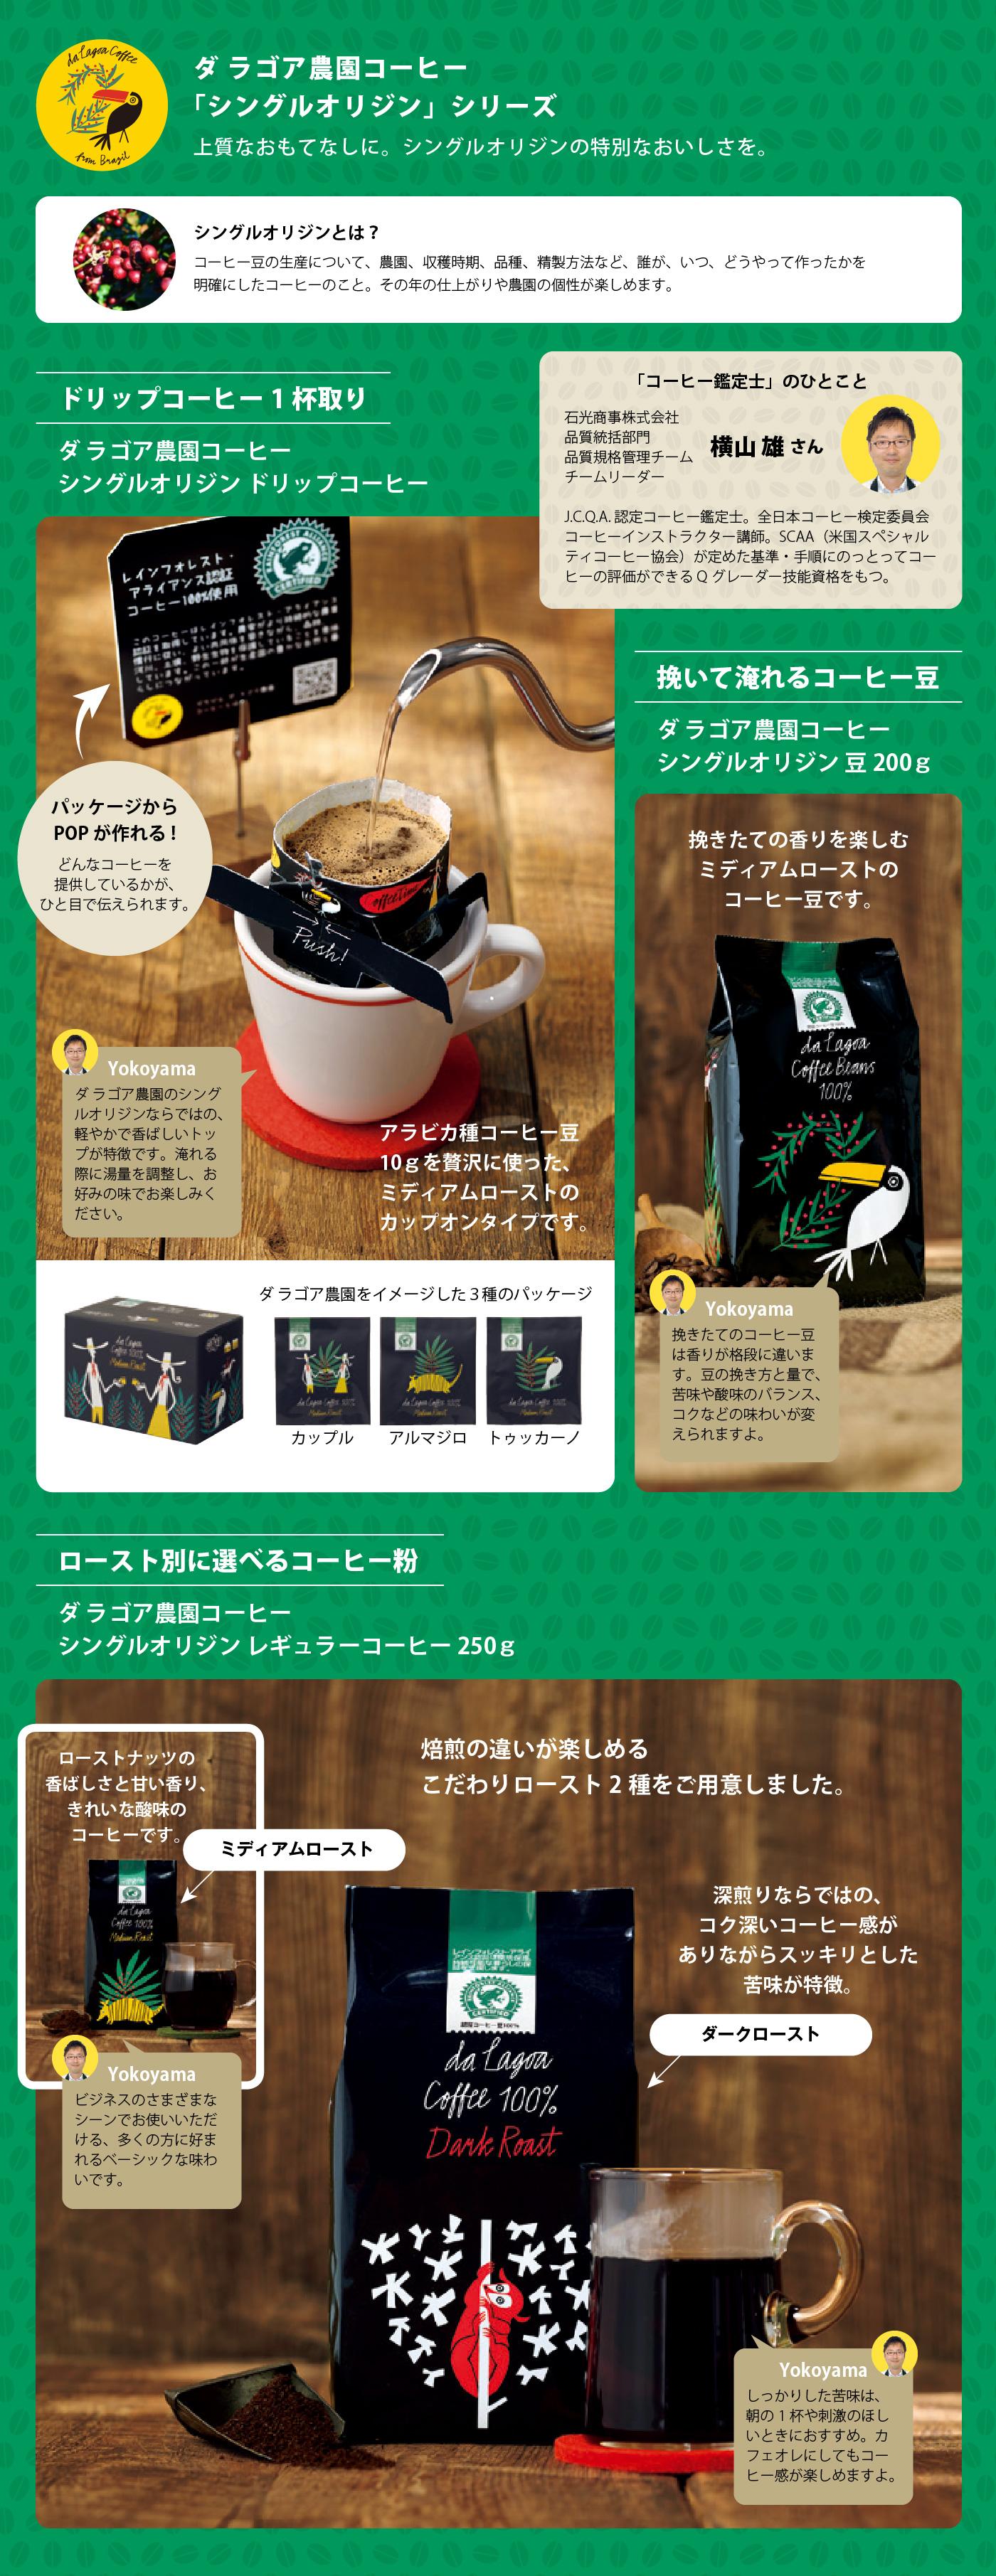 ダ ラゴア農園コーヒー「シングルオリジン」シリーズ 上質なおもてなしに。シングルオリジンの特別なおいしさを。